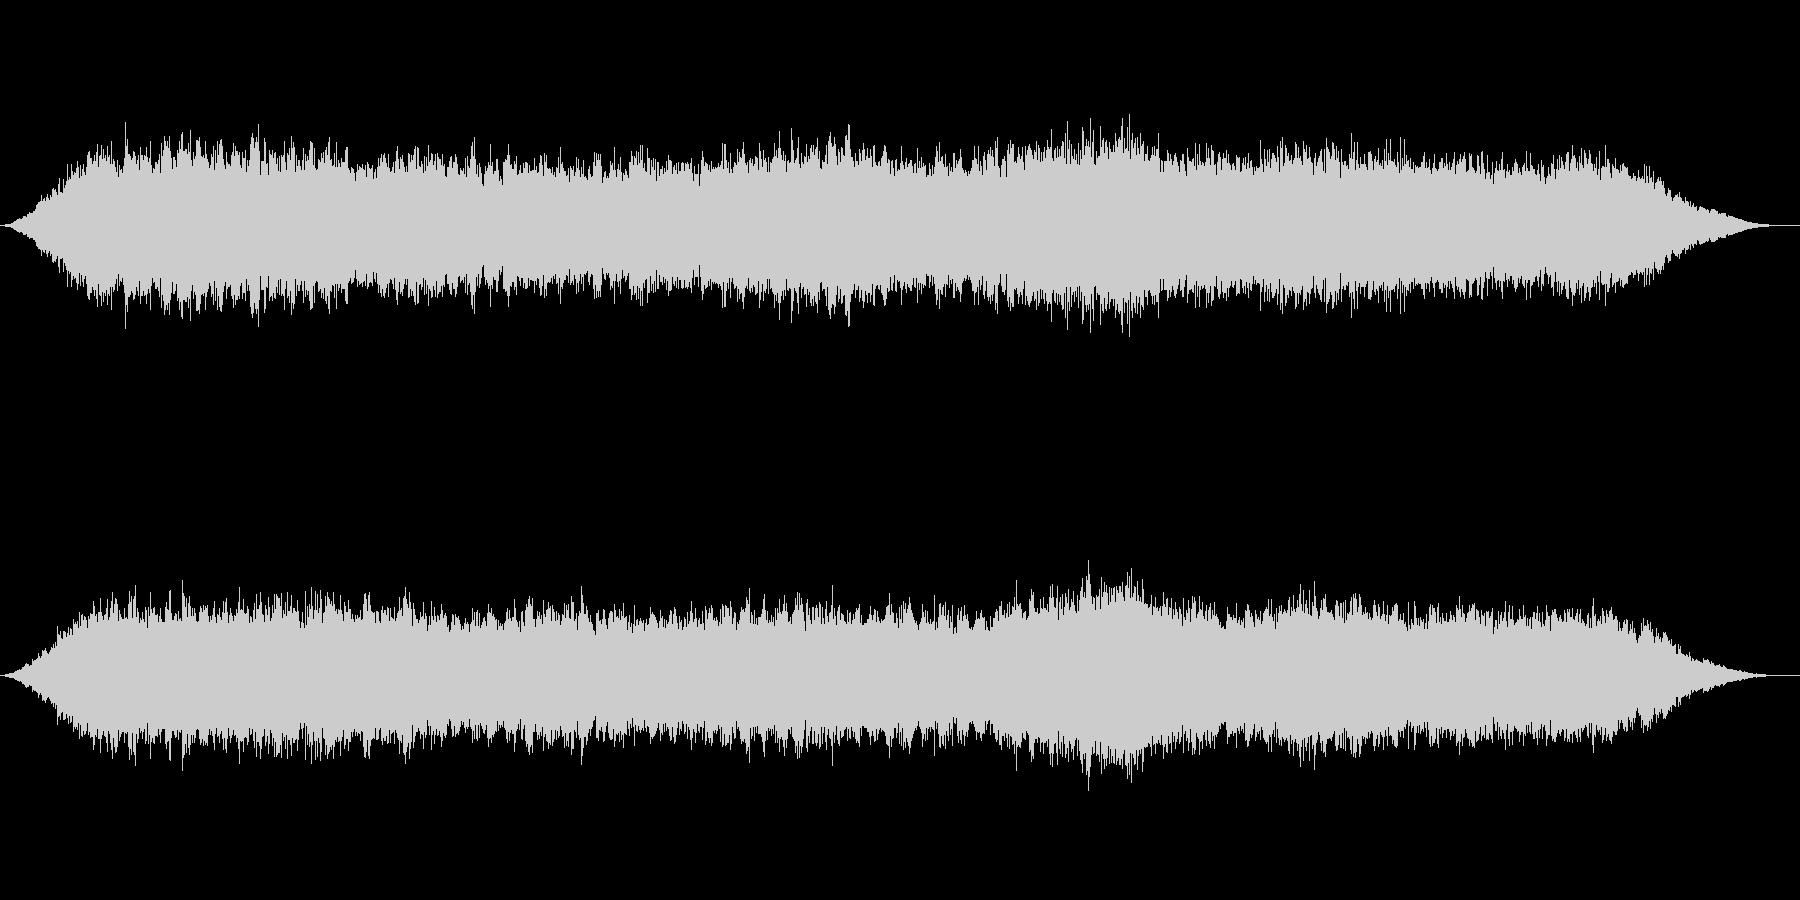 神秘的な雰囲気のアンビエント背景音10の未再生の波形